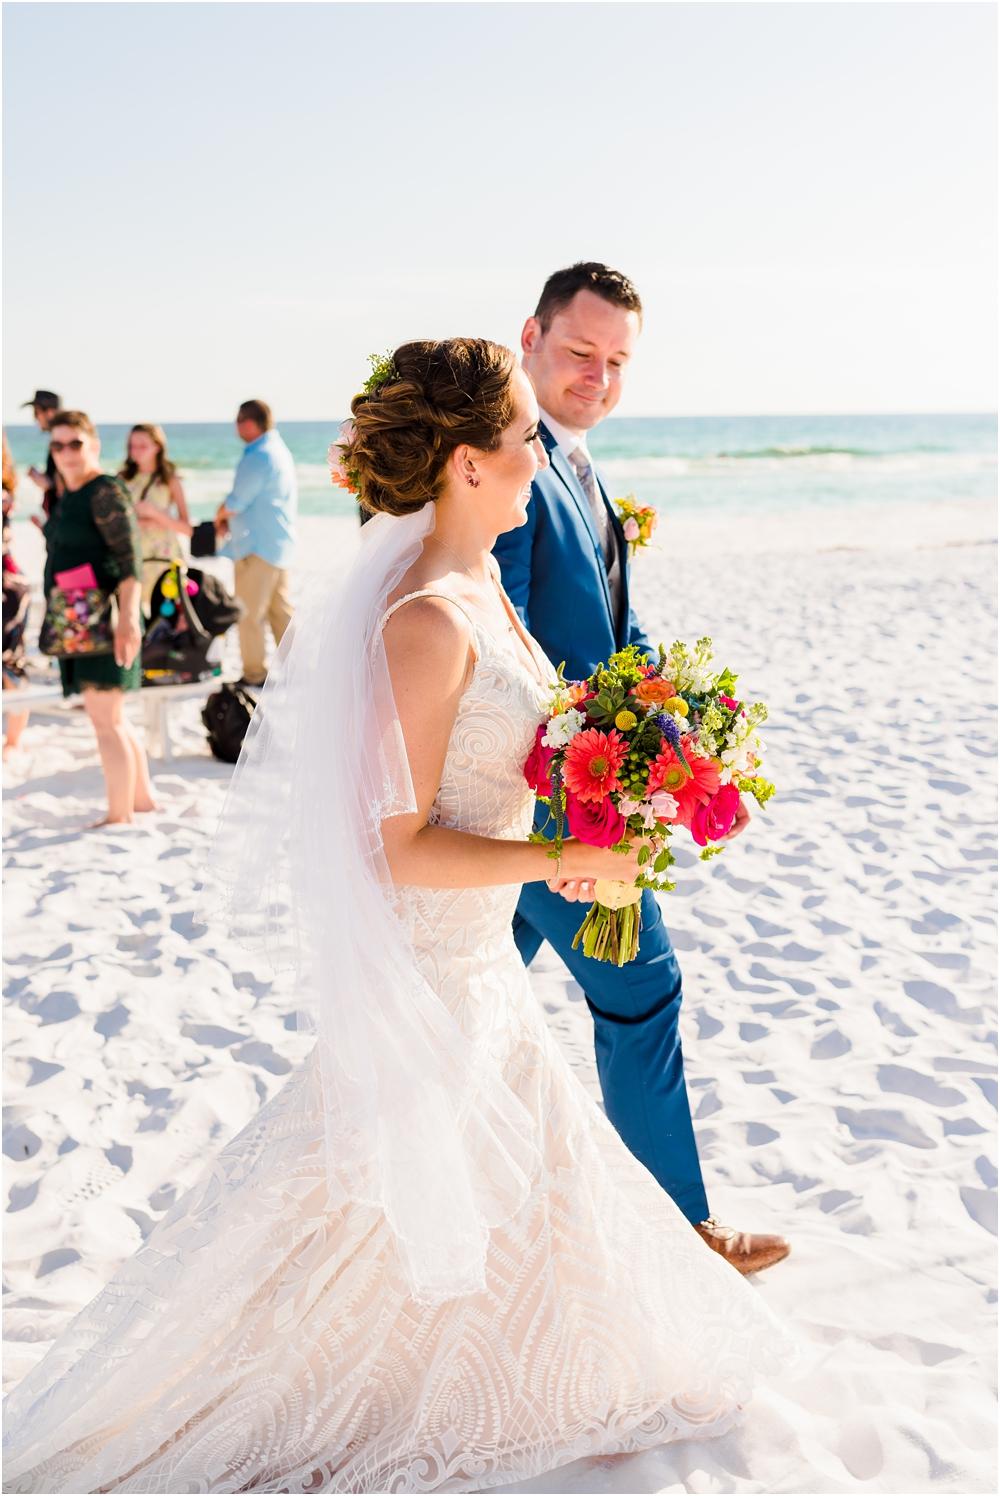 destin-sunquest-cruise-wedding-kiersten-stevenson-photography-59.jpg